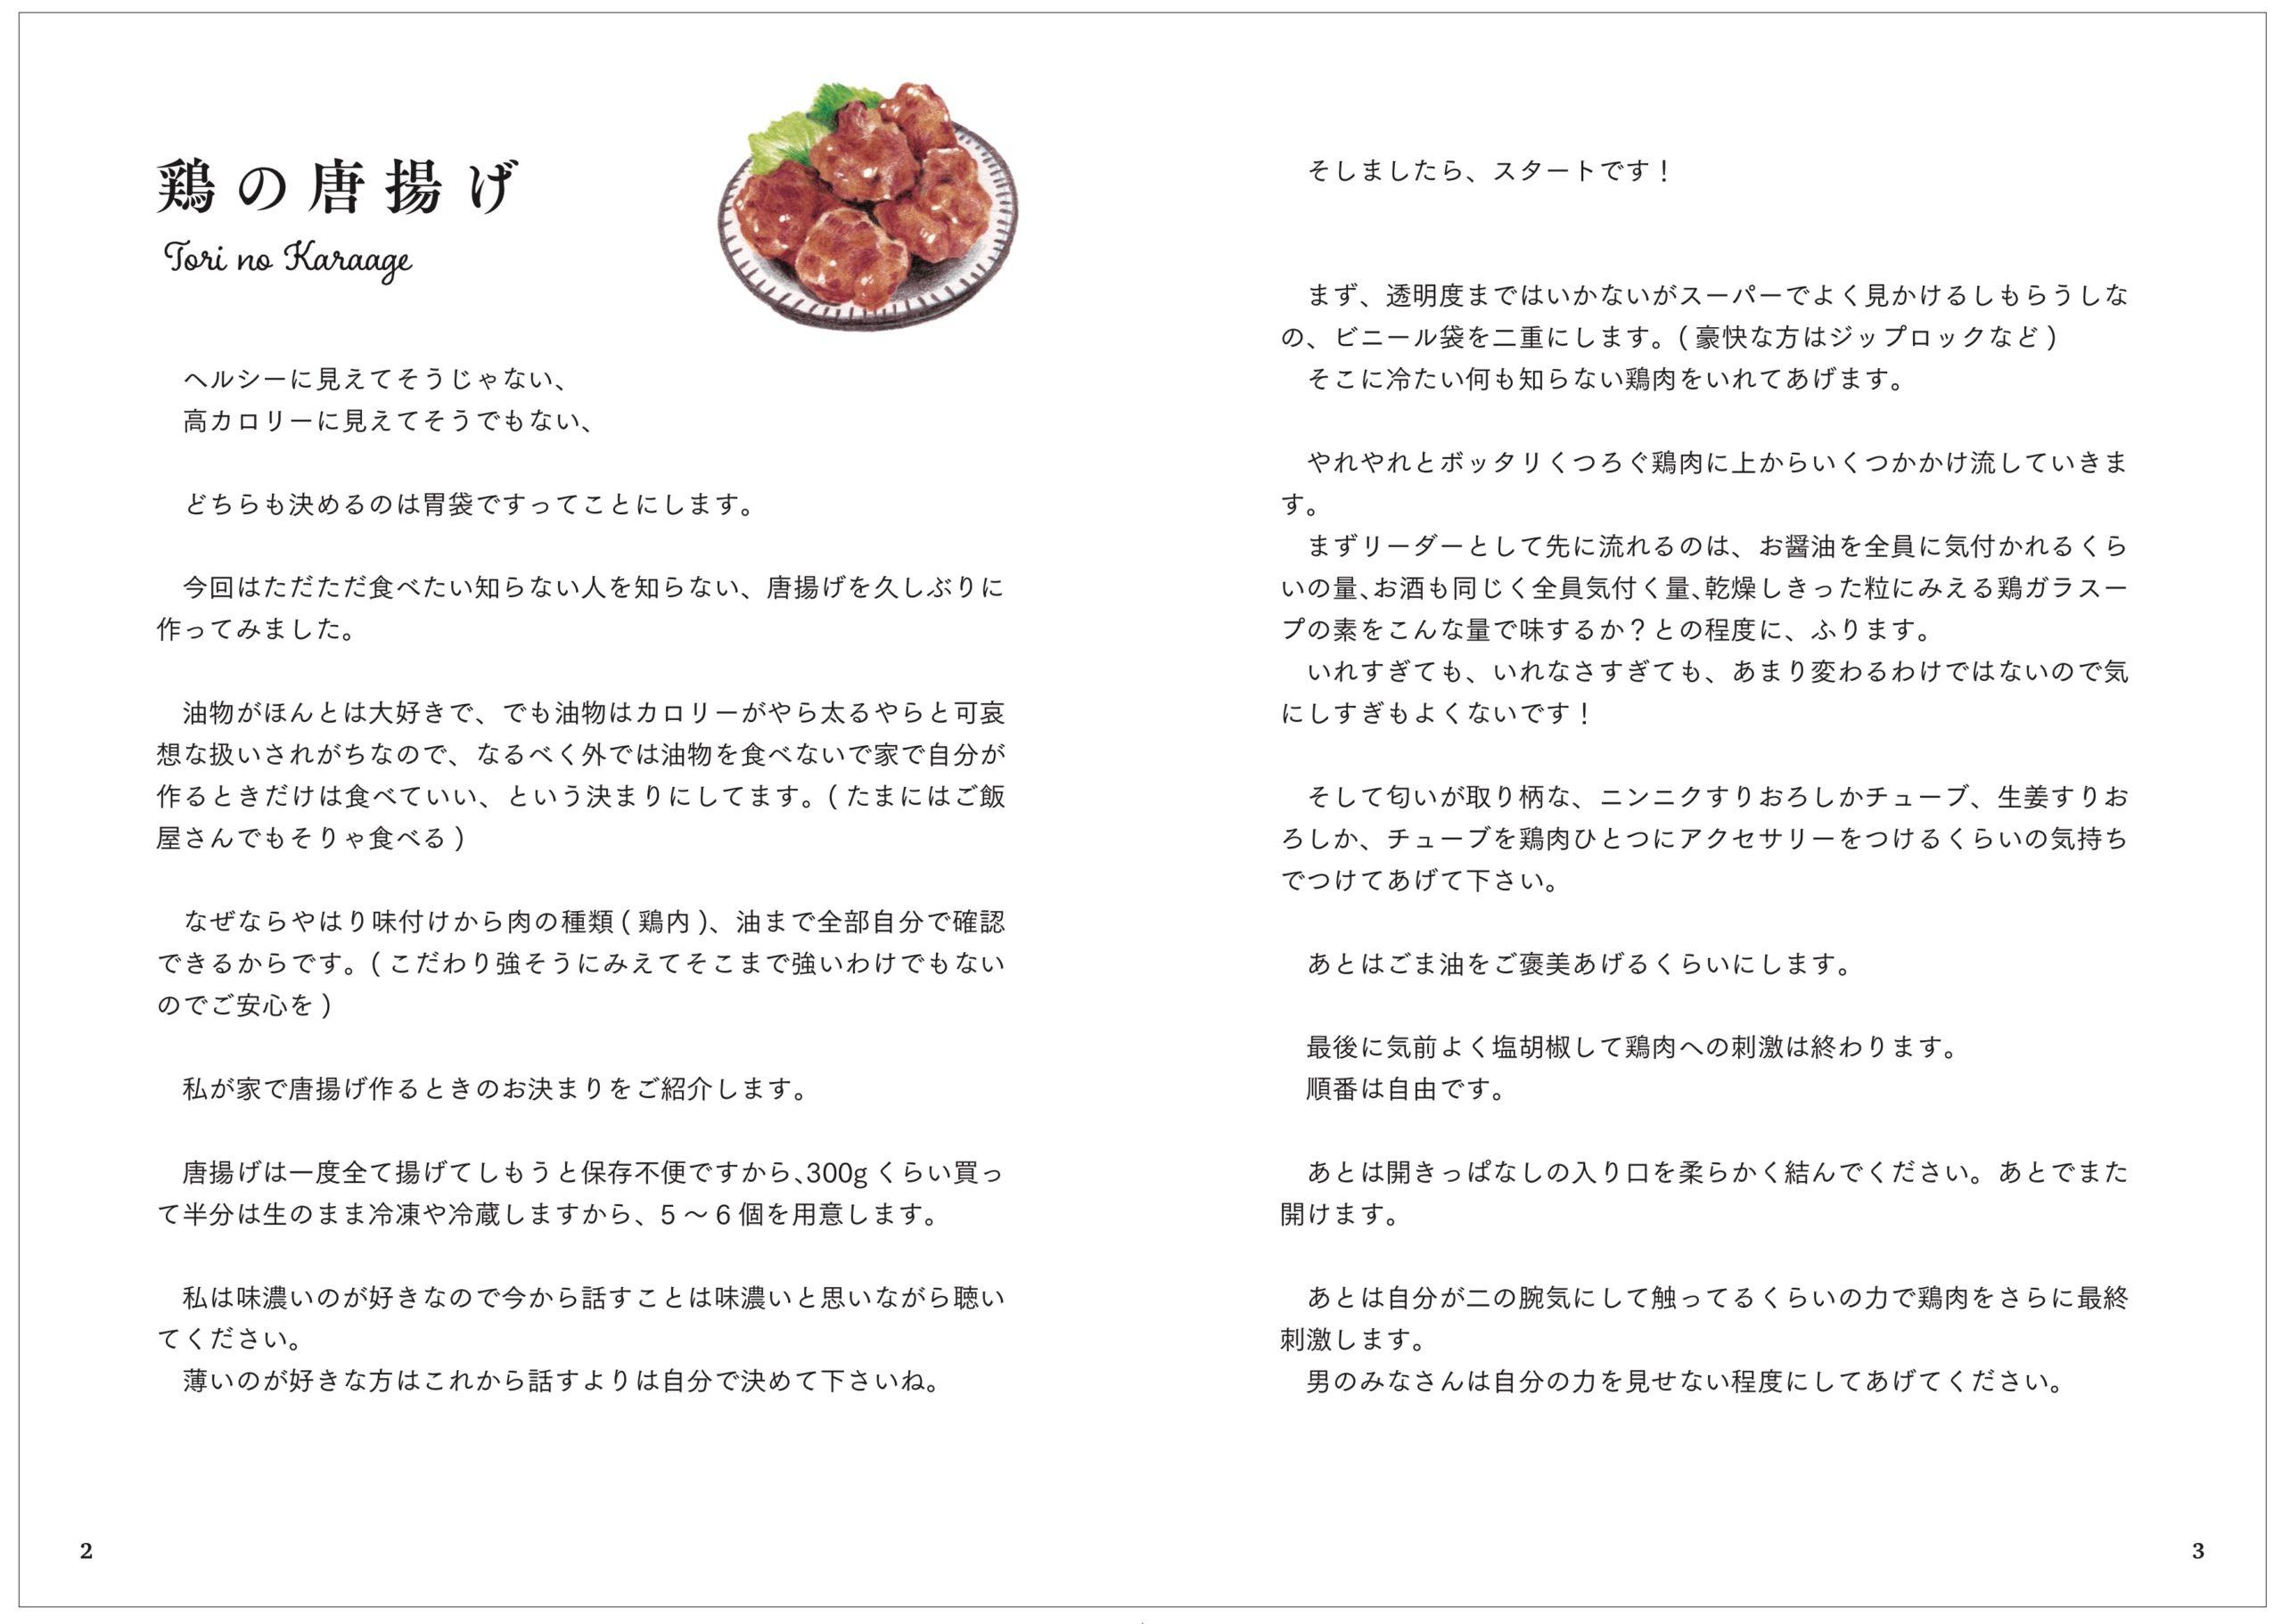 滝沢カレンが綴る人類未体験のレシピ文学!「カレンの台所」